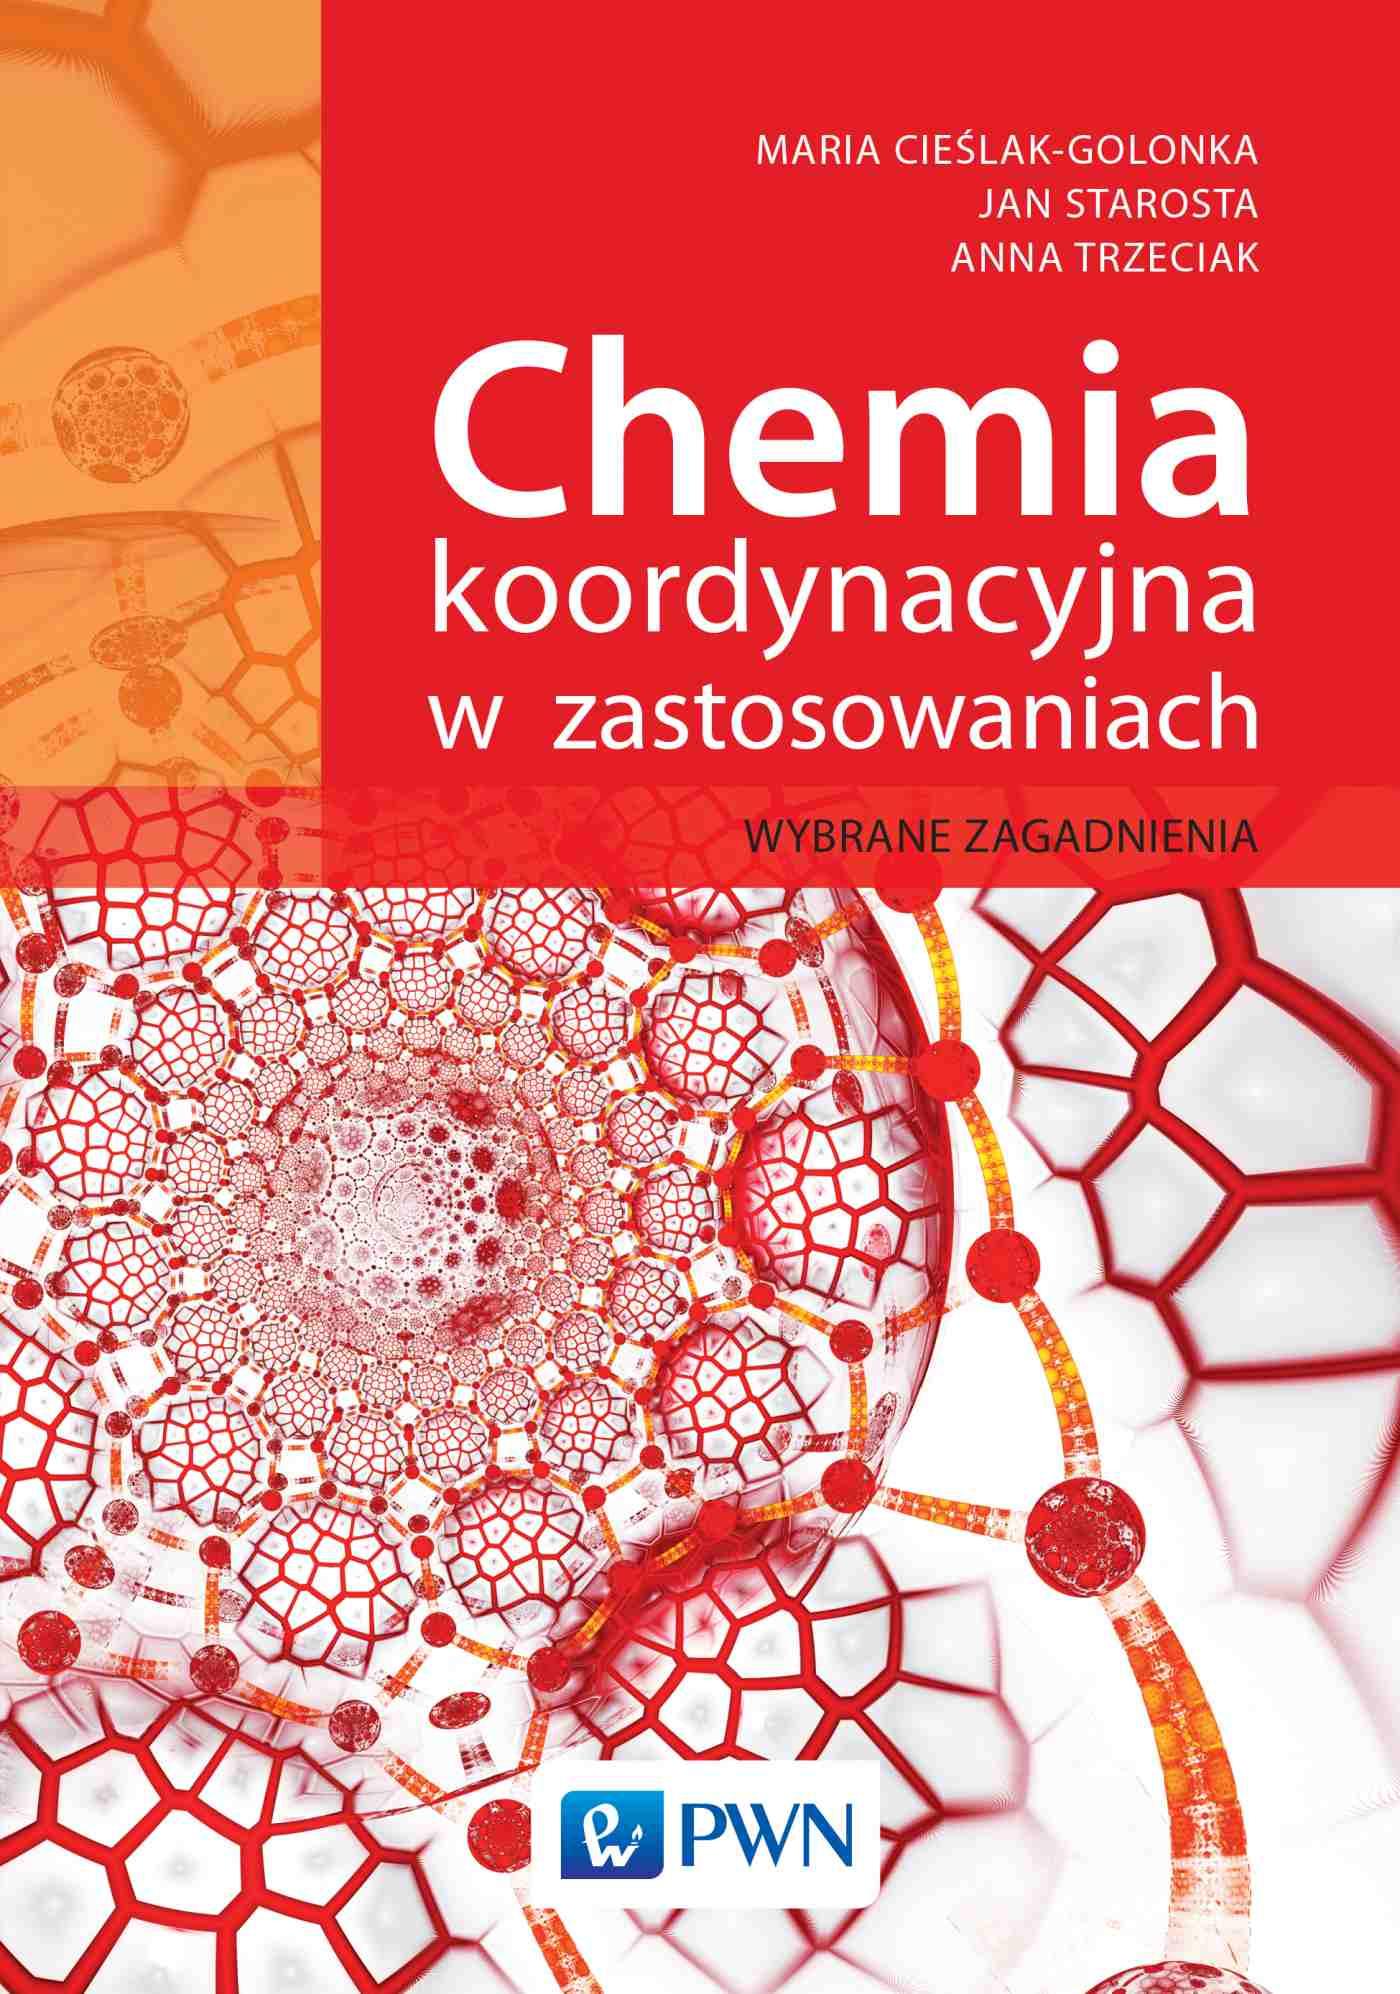 Chemia koordynacyjna w zastosowaniach. Wybrane zagadnienia - Ebook (Książka na Kindle) do pobrania w formacie MOBI